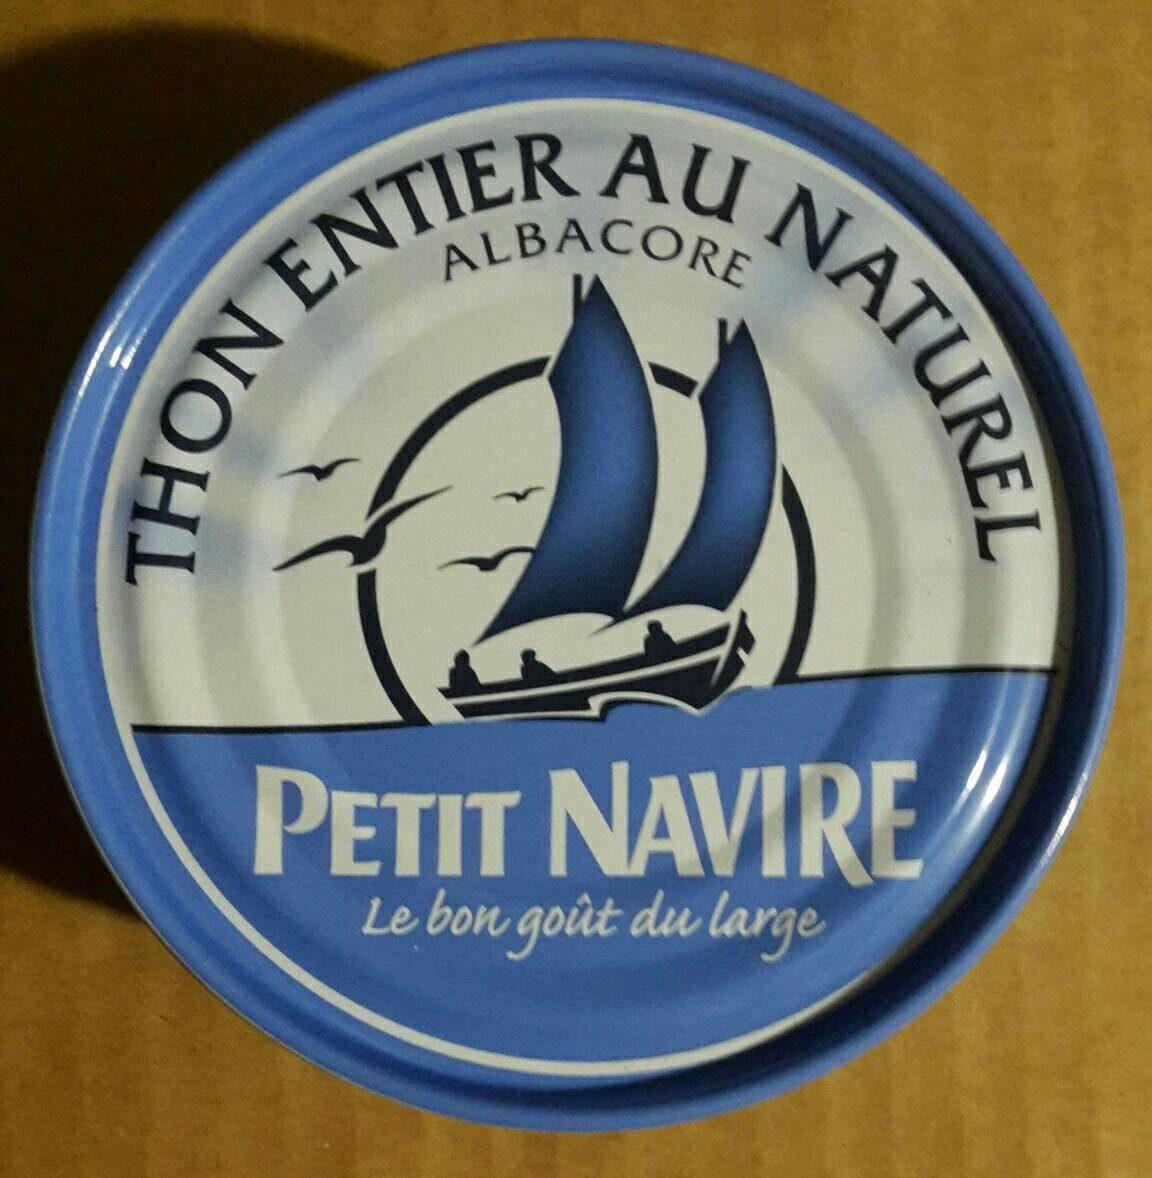 Thon entier au naturel - 製品 - fr